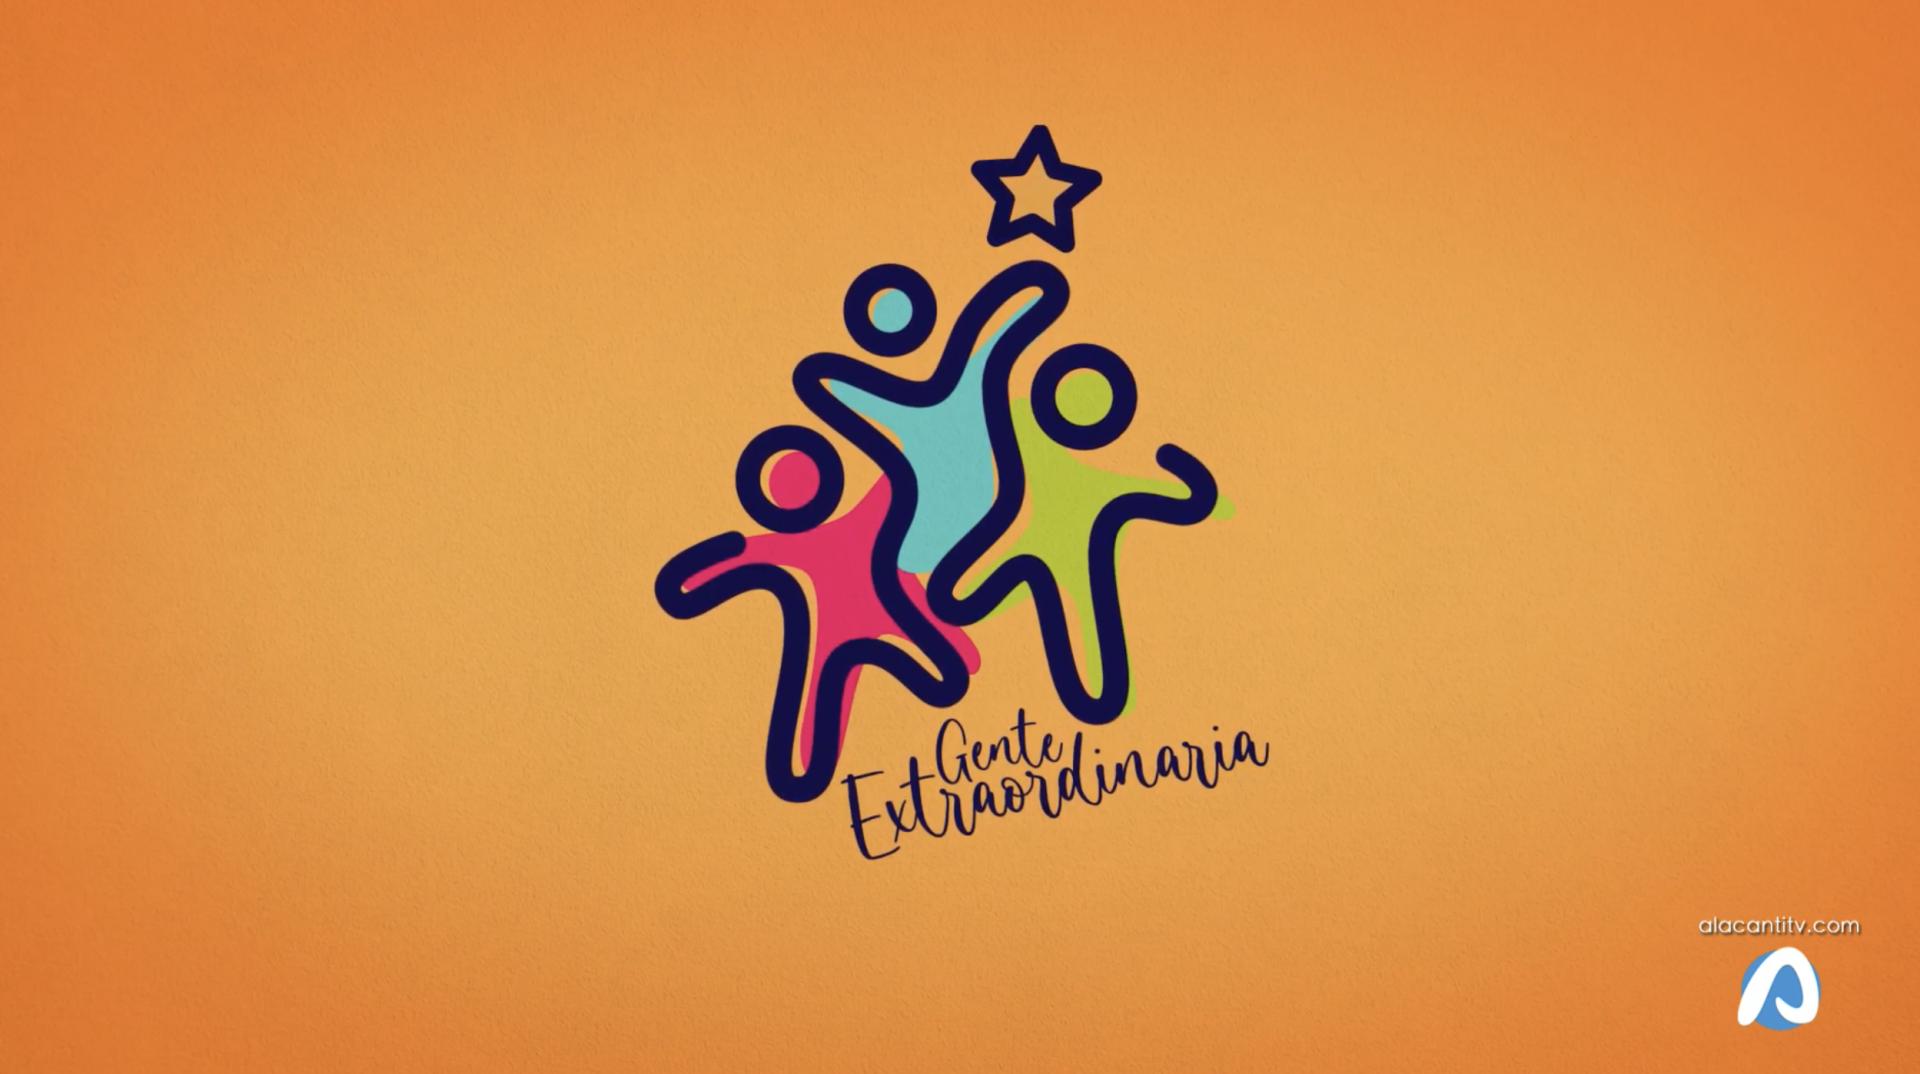 Gente Extraordinaria Centro de Cuidados Hominum 18 marzo 2021